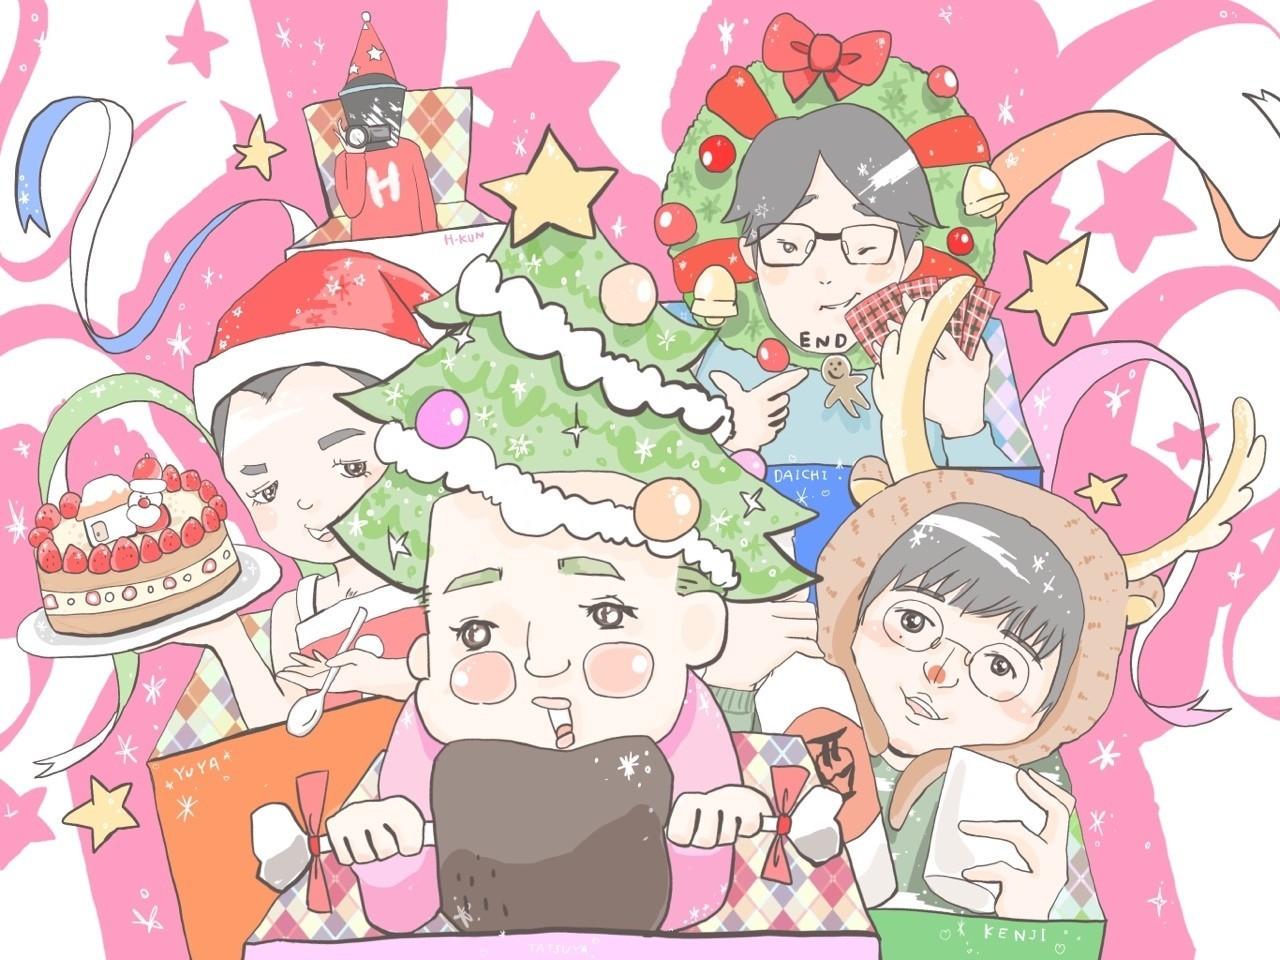 #劇団スカッシュ #クリスマス #YouTube #隙間男 #ファンアート #12月25日 #プレゼント